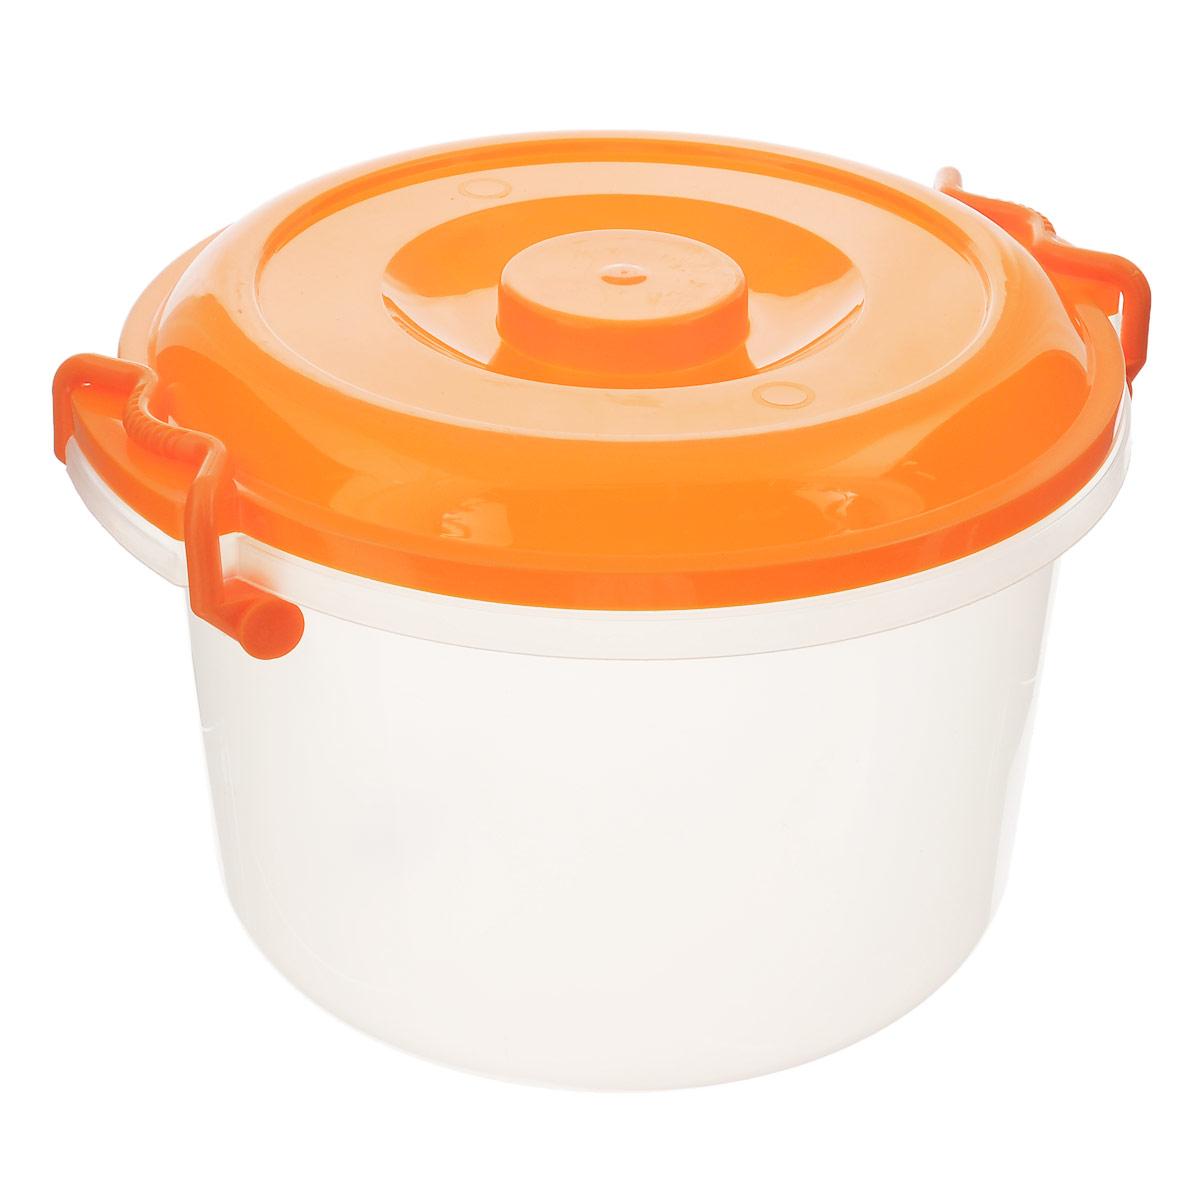 Контейнер Альтернатива, цвет: оранжевый, 7 лМ147Контейнер Альтернатива выполнен из прочного пластика, предназначен для хранения различных мелких вещей. Прозрачные стенки позволяют видеть содержимое. Контейнер плотно закрывается крышкой с двумя защелками. В таком контейнере ваши вещи будут защищены от пыли, грязи и влаги. Объем: 7 л.